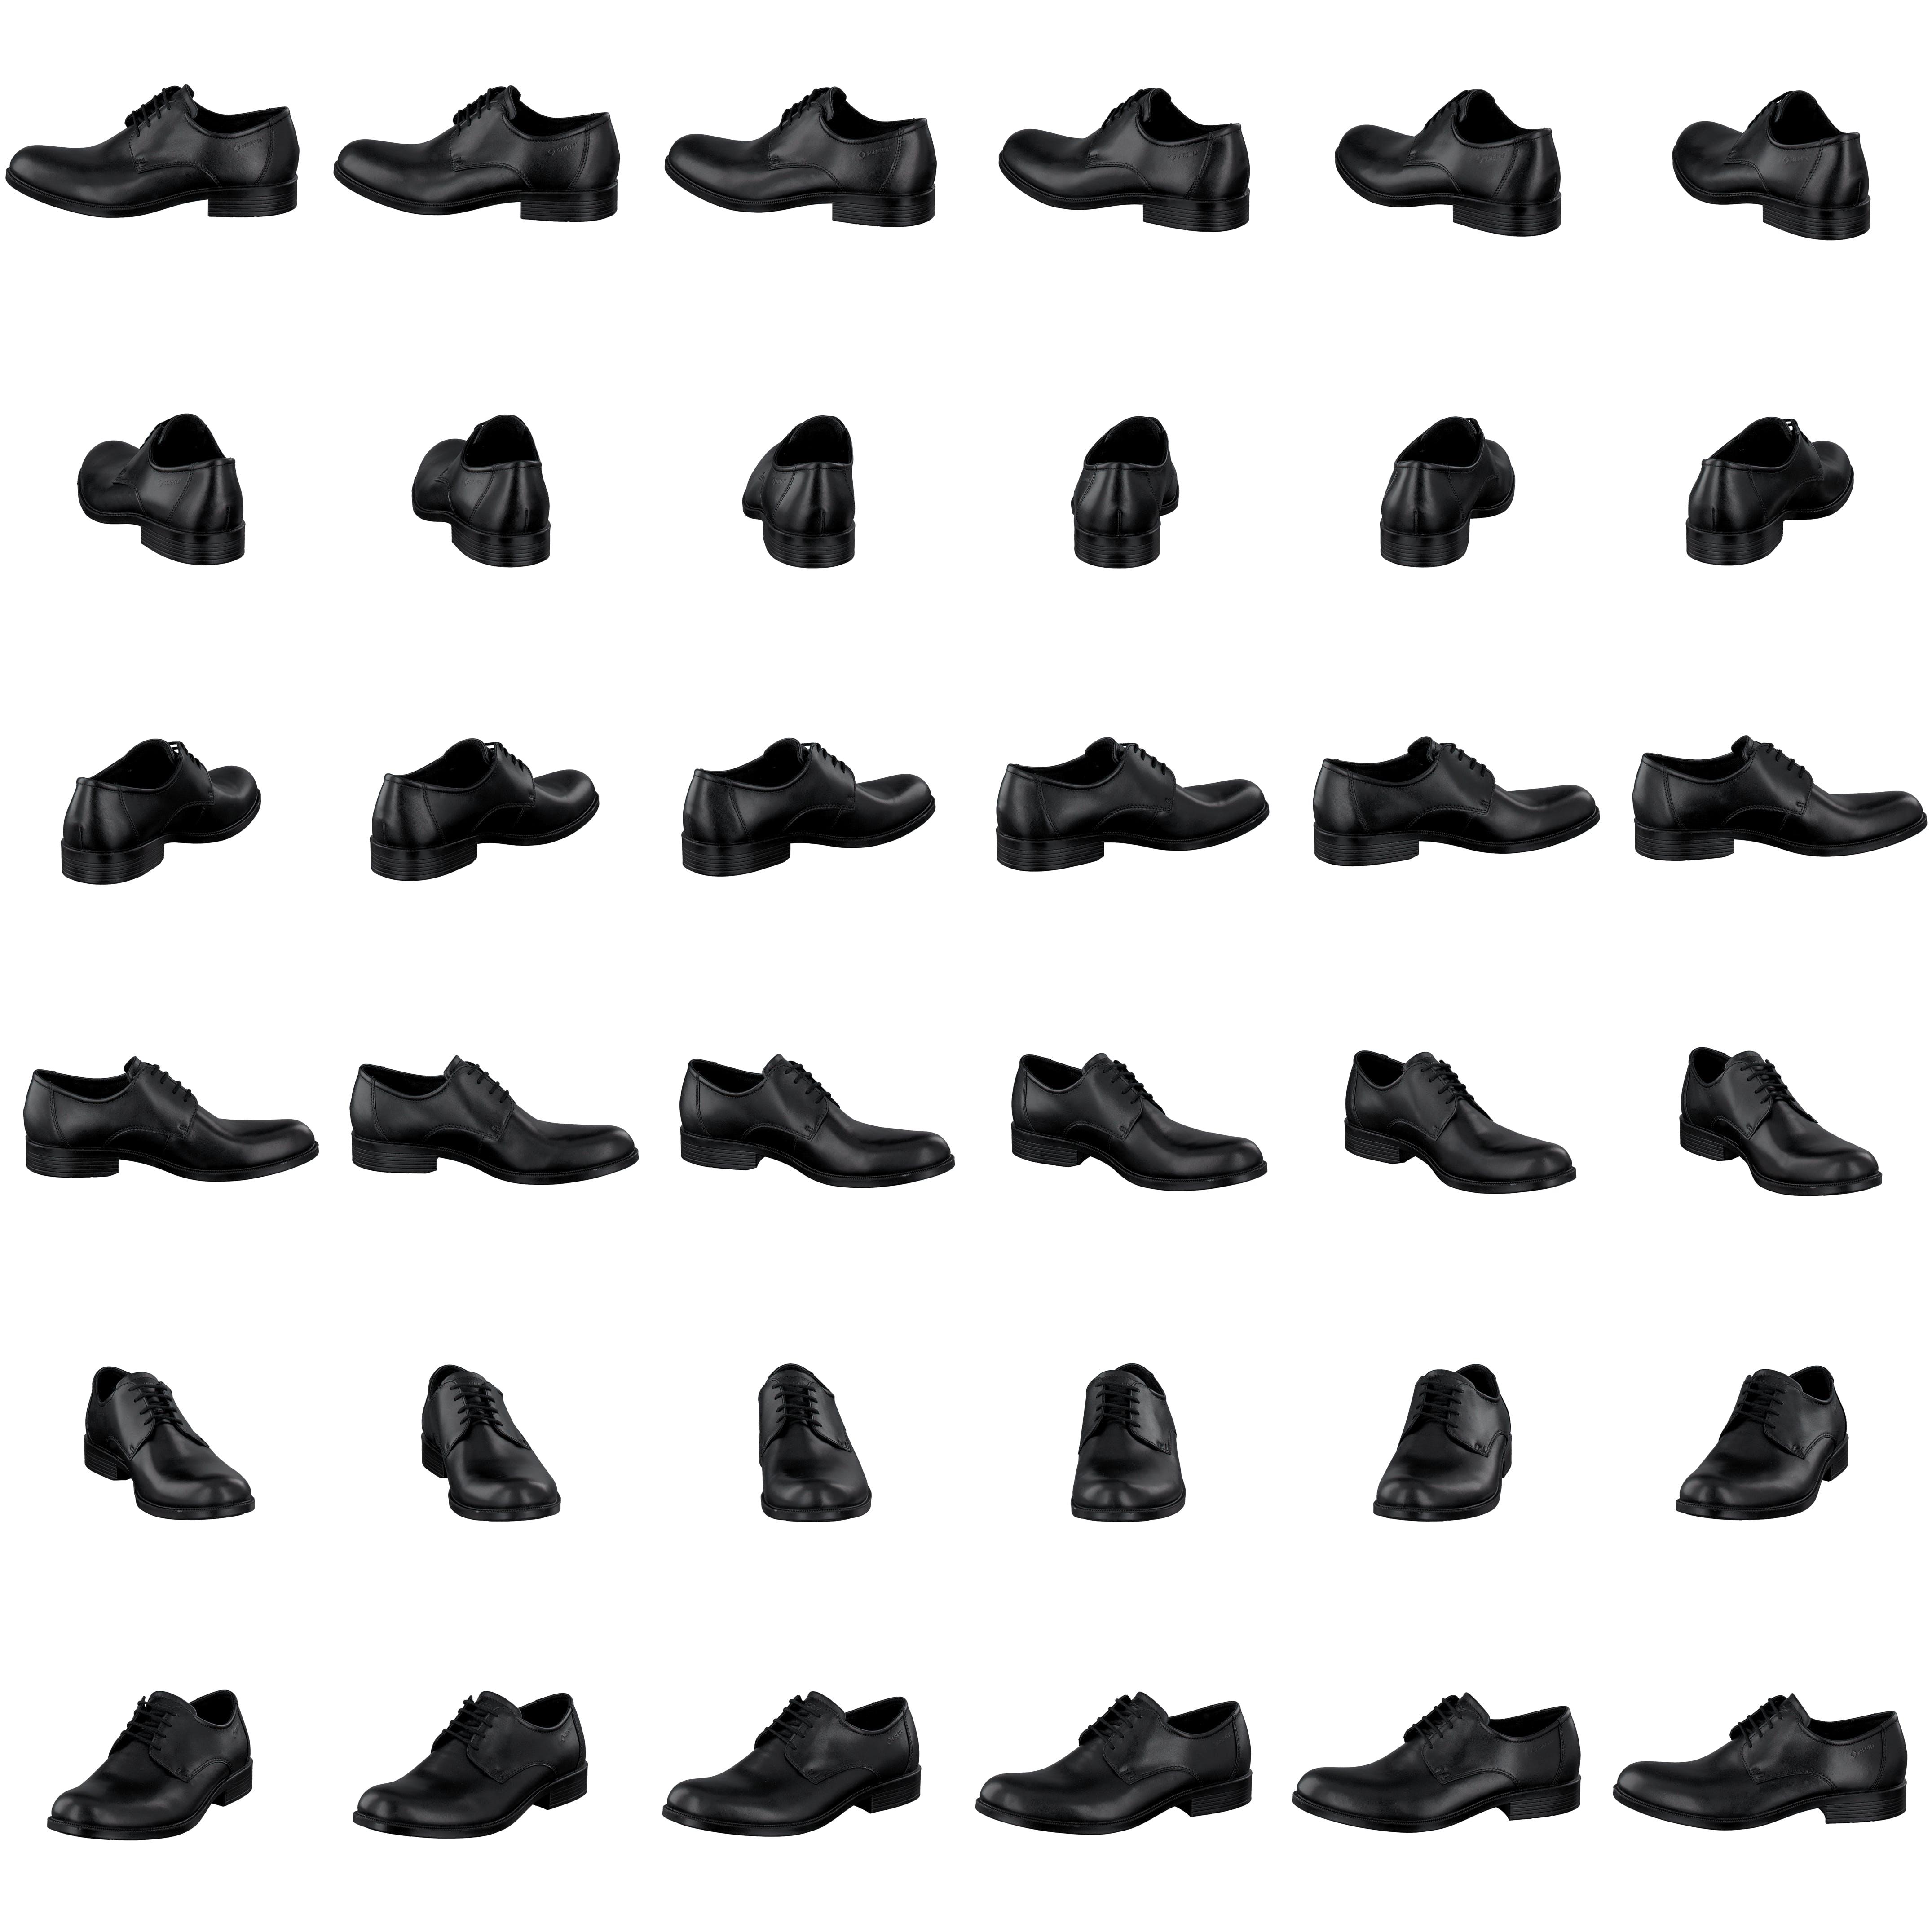 Kup Ecco HAROLD Black Luxe Buty Online   FOOTWAY.pl